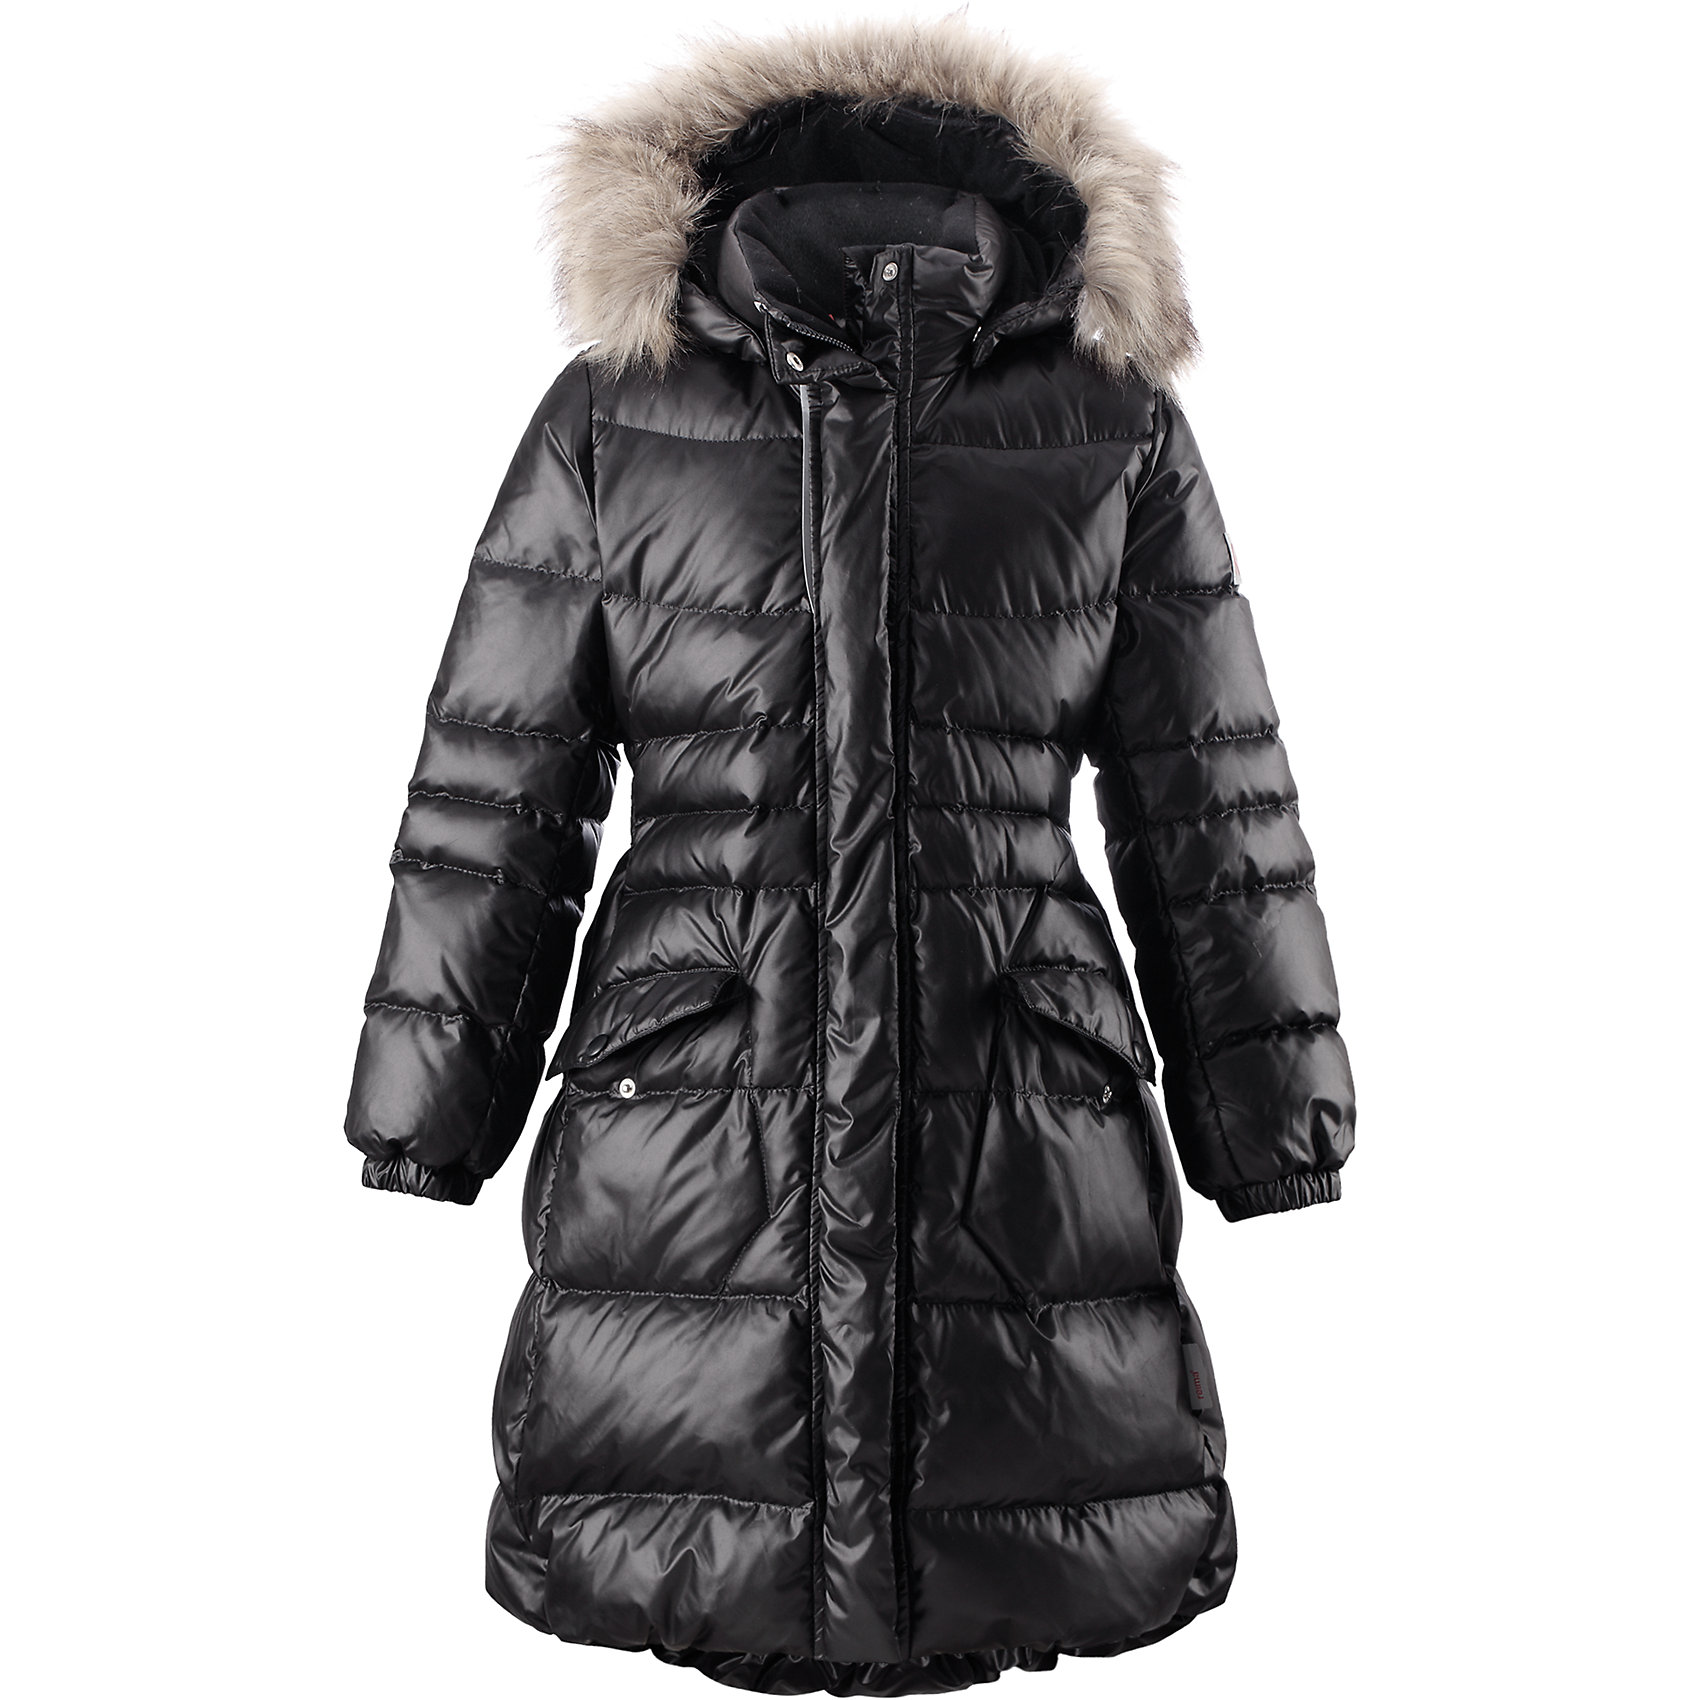 Пальто Satu для девочки ReimaОдежда<br>Пальто для девочки Reima<br>Куртка для подростков. Водоотталкивающий, ветронепроницаемый, «дышащий» и грязеотталкивающий материал. Крой для девочек. Гладкая подкладка из полиэстра. Безопасный съемный капюшон с отсоединяемой меховой каймой из искусственного меха. Эластичный пояс сзади. Эластичные подол и манжеты. Двухсторонняя молния по всей длине. Два кармана с клапанами. Безопасные светоотражающие детали. Петля для дополнительных светоотражающих деталей.<br>Уход:<br>Стирать по отдельности, вывернув наизнанку. Перед стиркой отстегните искусственный мех. Застегнуть молнии и липучки. Стирать моющим средством, не содержащим отбеливающие вещества. Полоскать без специального средства. Во избежание изменения цвета изделие необходимо вынуть из стиральной машинки незамедлительно после окончания программы стирки. Барабанное сушение при низкой температуре с 3 теннисными мячиками. Выверните изделие наизнанку в середине сушки.<br>Состав:<br>100% Полиэстер<br><br>Ширина мм: 356<br>Глубина мм: 10<br>Высота мм: 245<br>Вес г: 519<br>Цвет: черный<br>Возраст от месяцев: 60<br>Возраст до месяцев: 72<br>Пол: Женский<br>Возраст: Детский<br>Размер: 116,128,134,140,146,152,158,164,122,104,110<br>SKU: 4778594